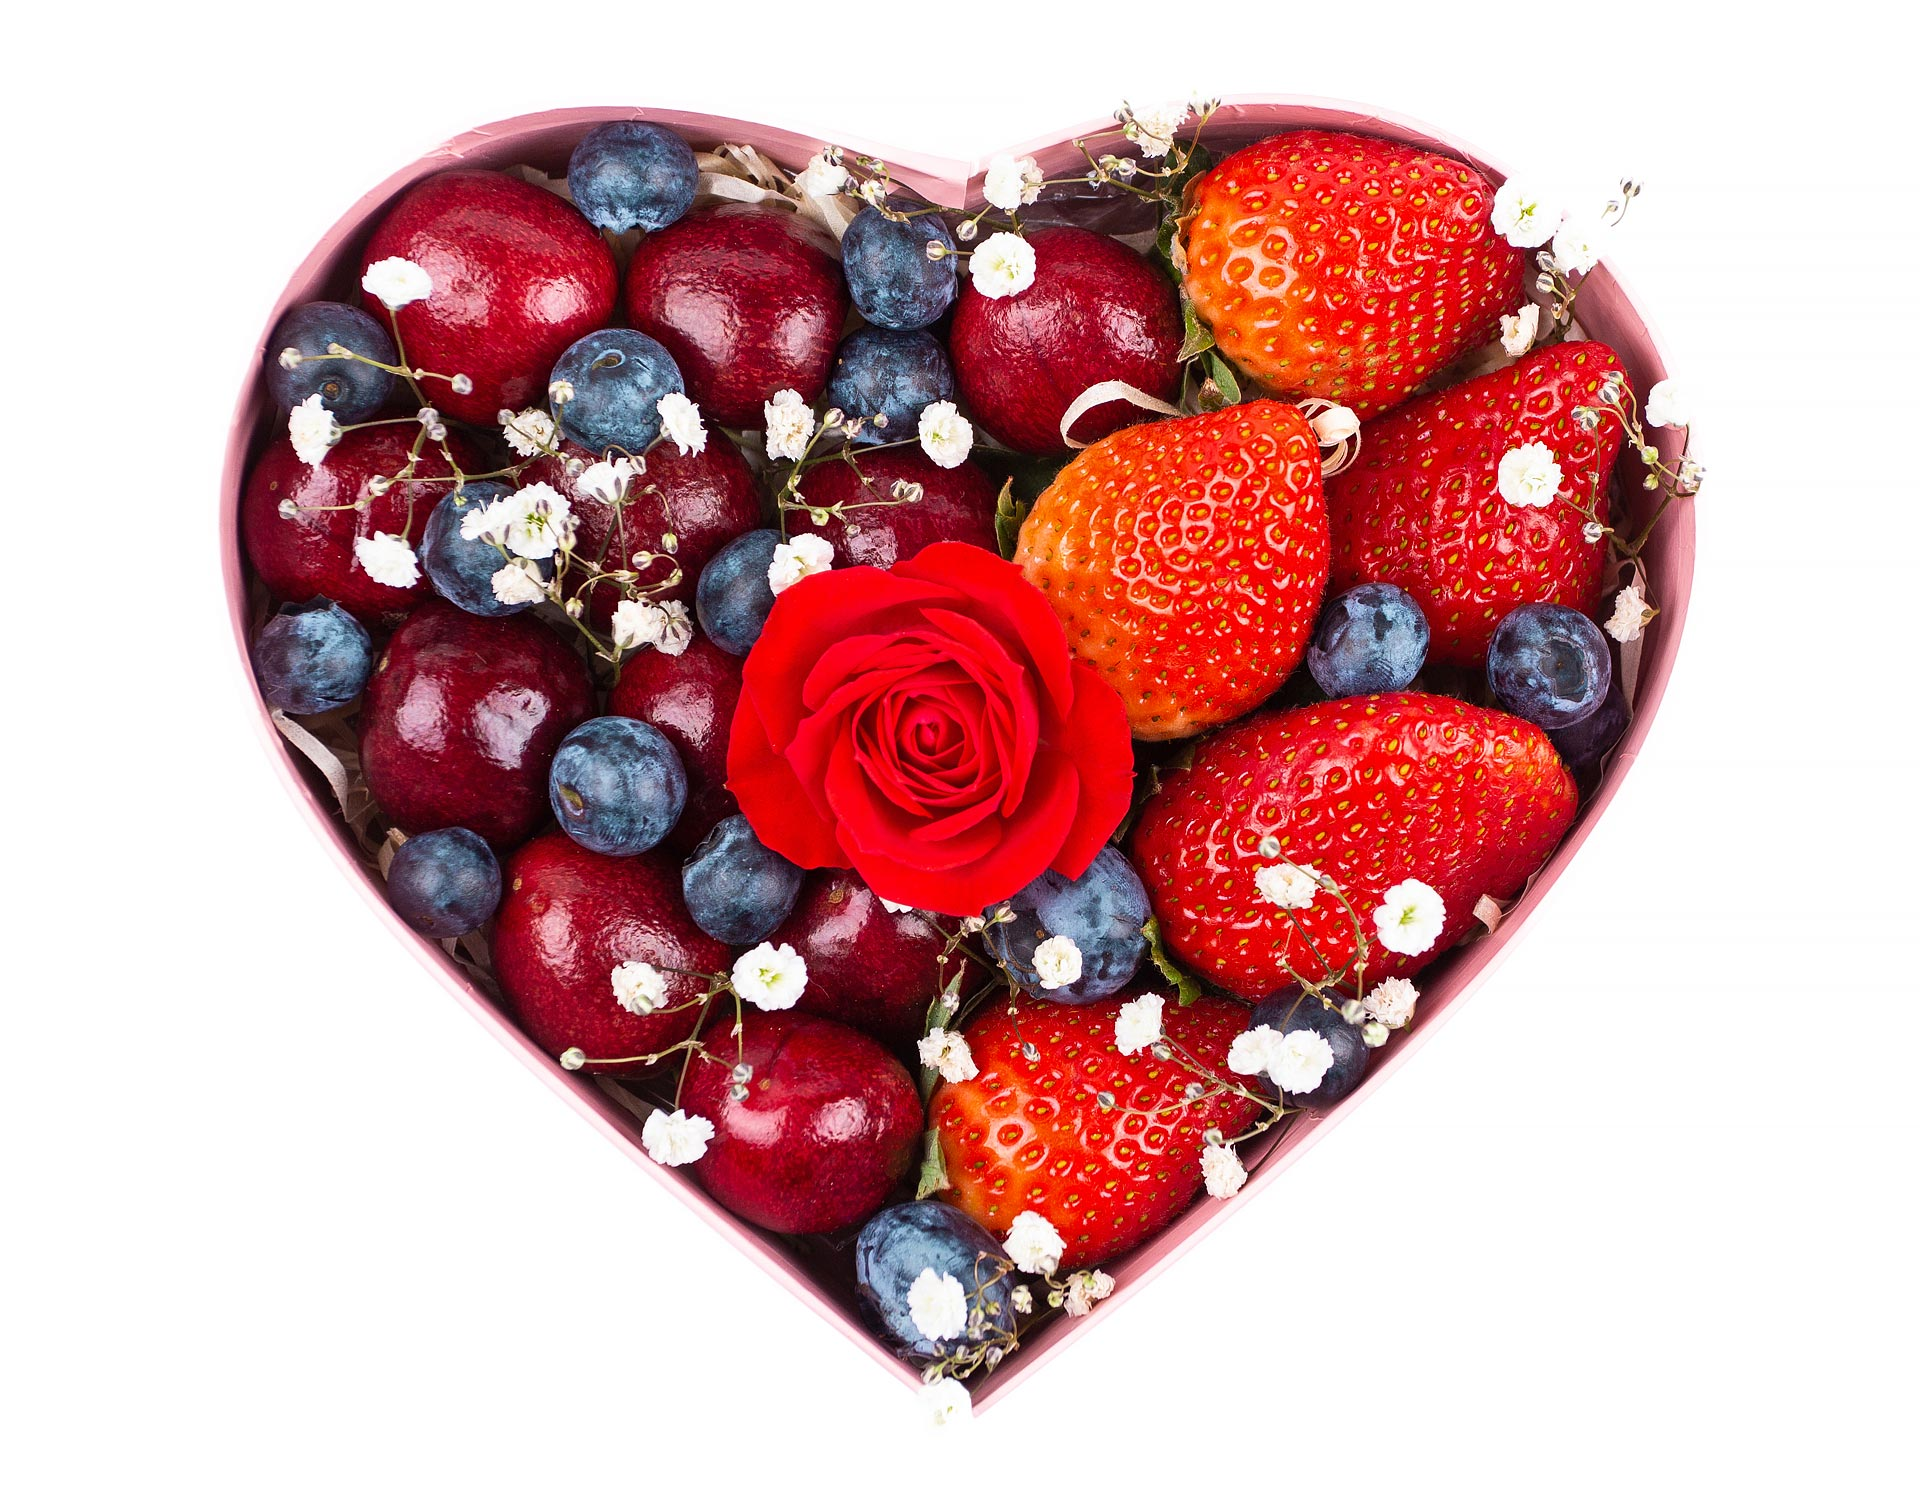 Подарочный набор фруктов Ягодное сердце с доставкой в Одессе